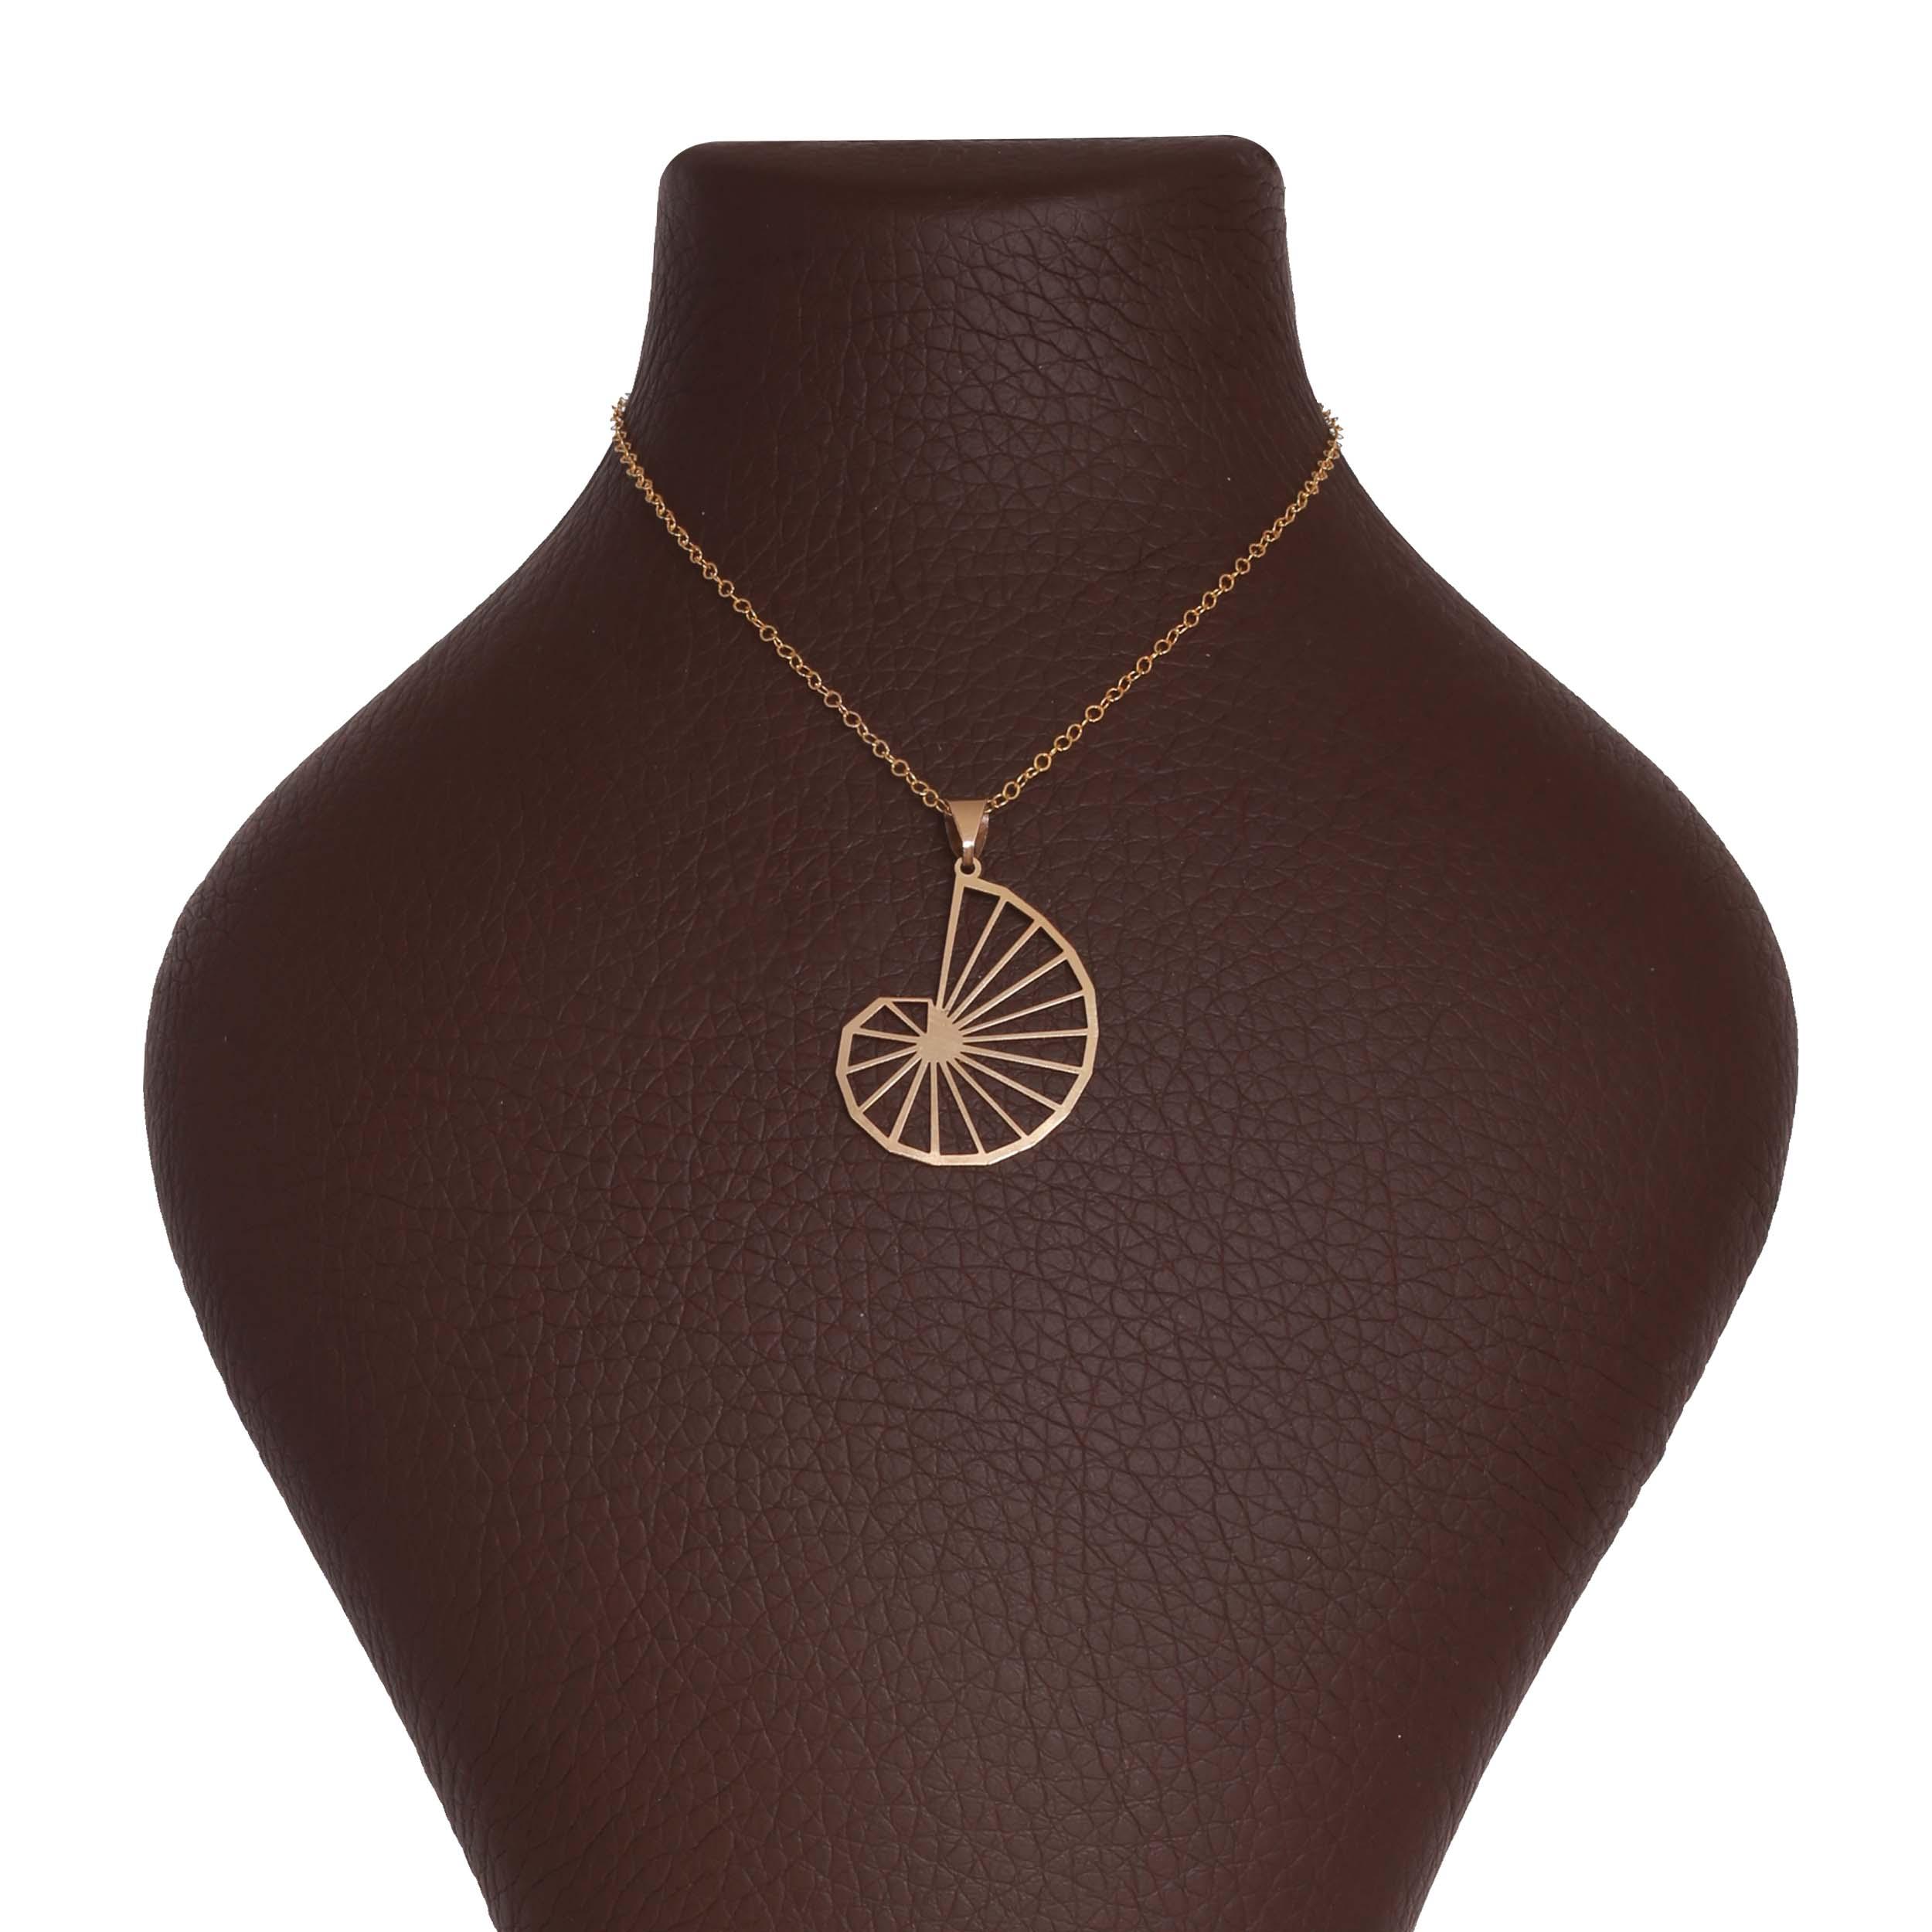 گردنبند طلا 18 عیار زنانه آمانژ طرح اسپیرال کد 1144D9068